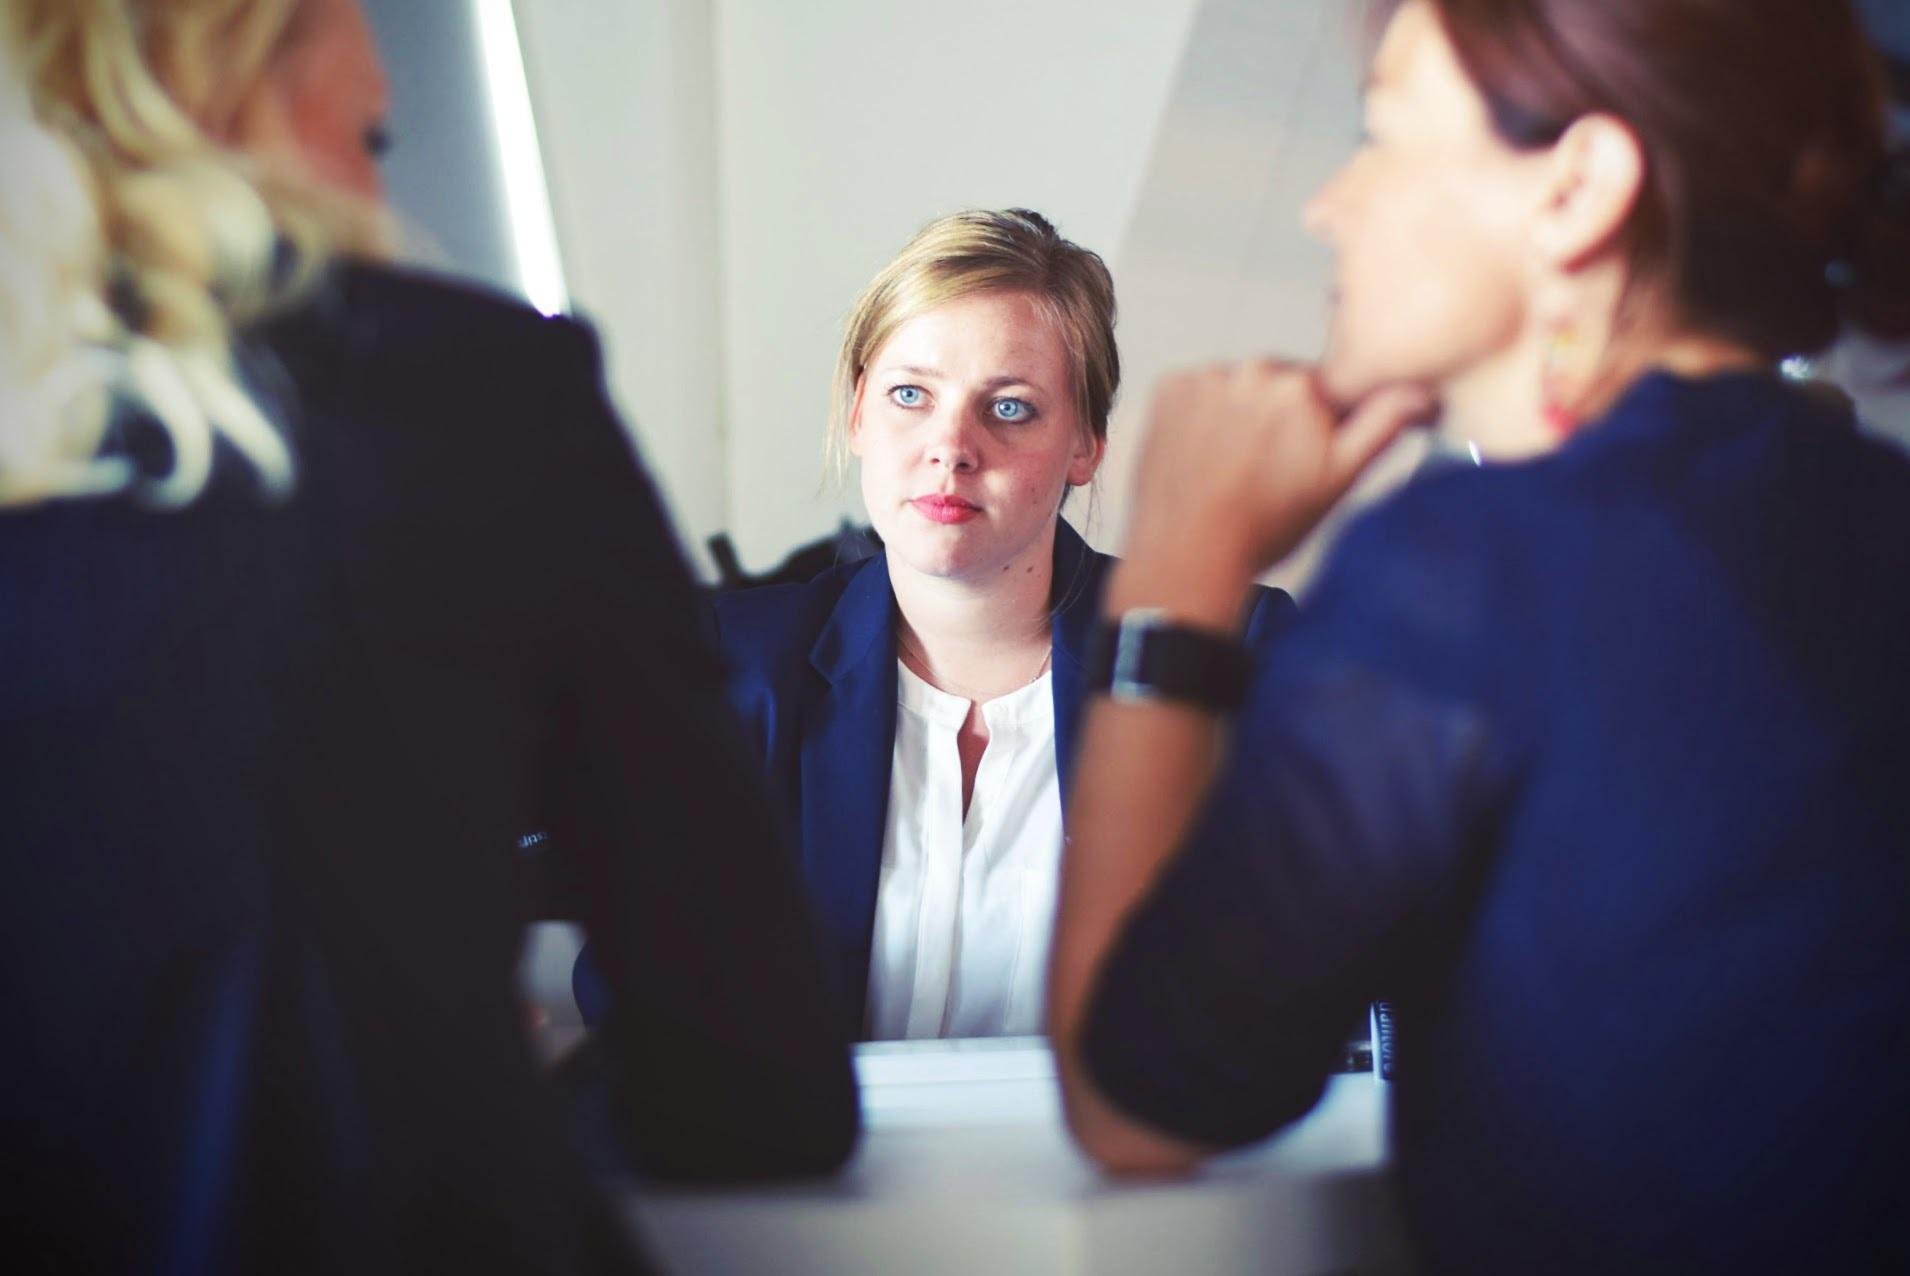 Un psiholog de la Harvard spune că oamenii te judecă după aceste două criterii la prima întâlnire. De ce trebuie să ţii cont la un interviu de angajare